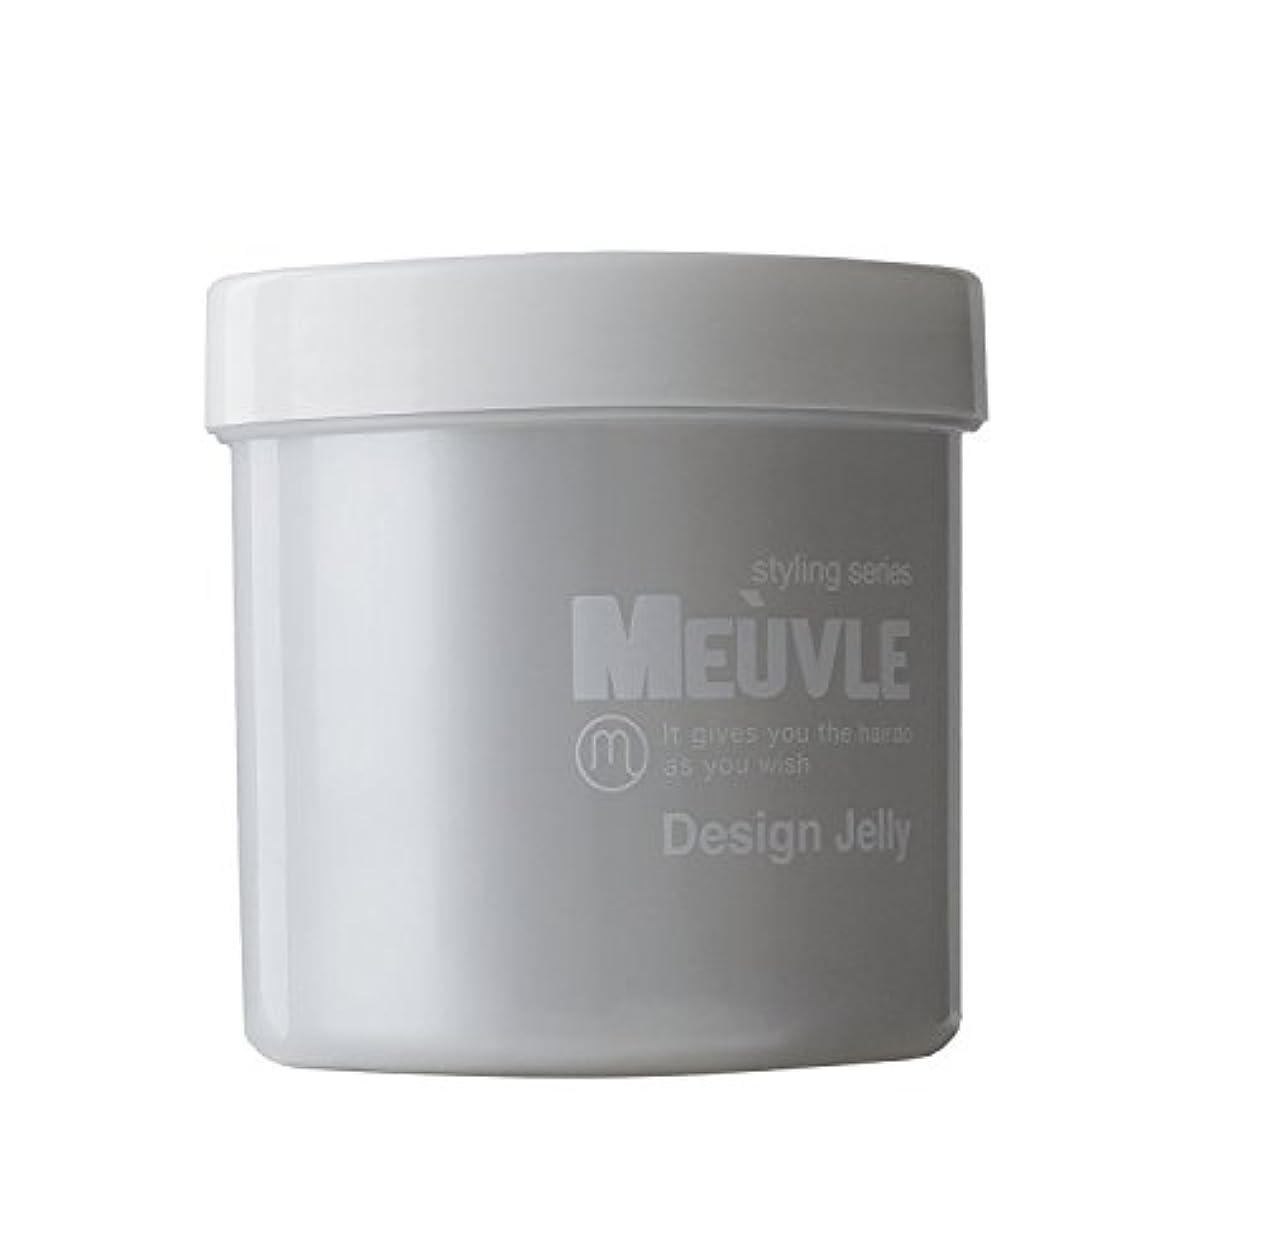 四面体一握り発音MEUVLE ( ミューヴル ) デザインゼリー 300g 限定企画 ミューブル ジェル